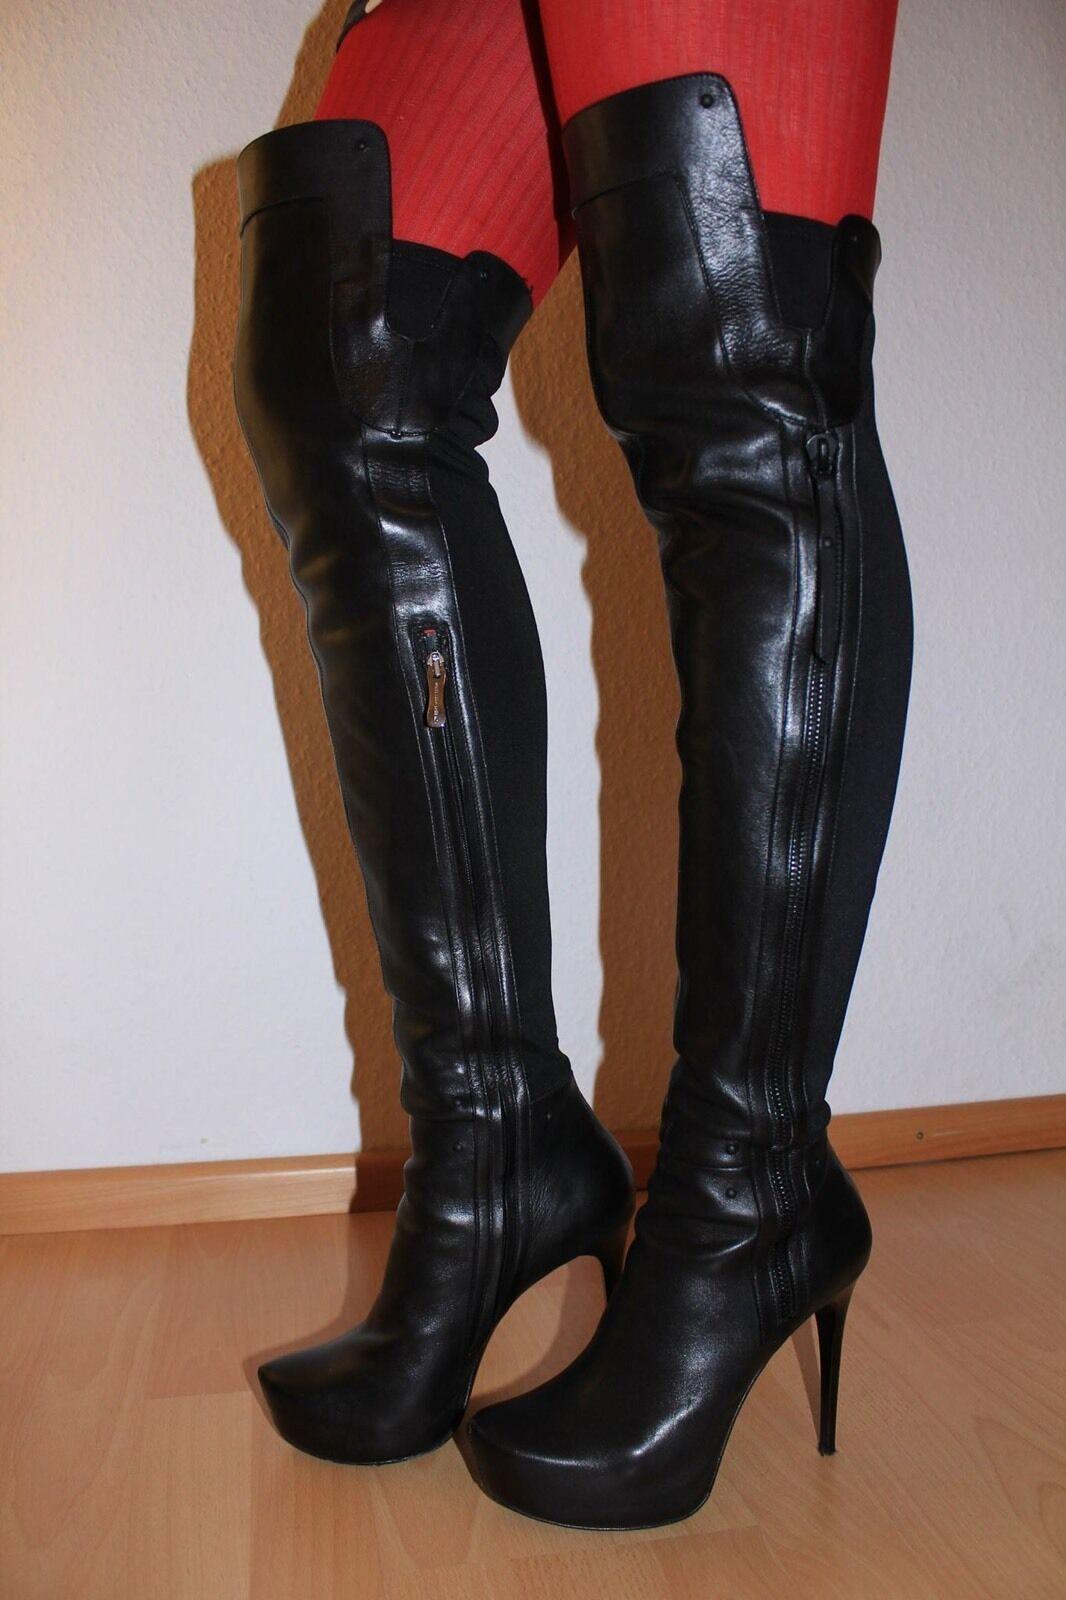 Gianmarco Lorenzi  botas WETLOOK WETLOOK WETLOOK GR 38,5 Designer overknie cuero negro  ventas en linea